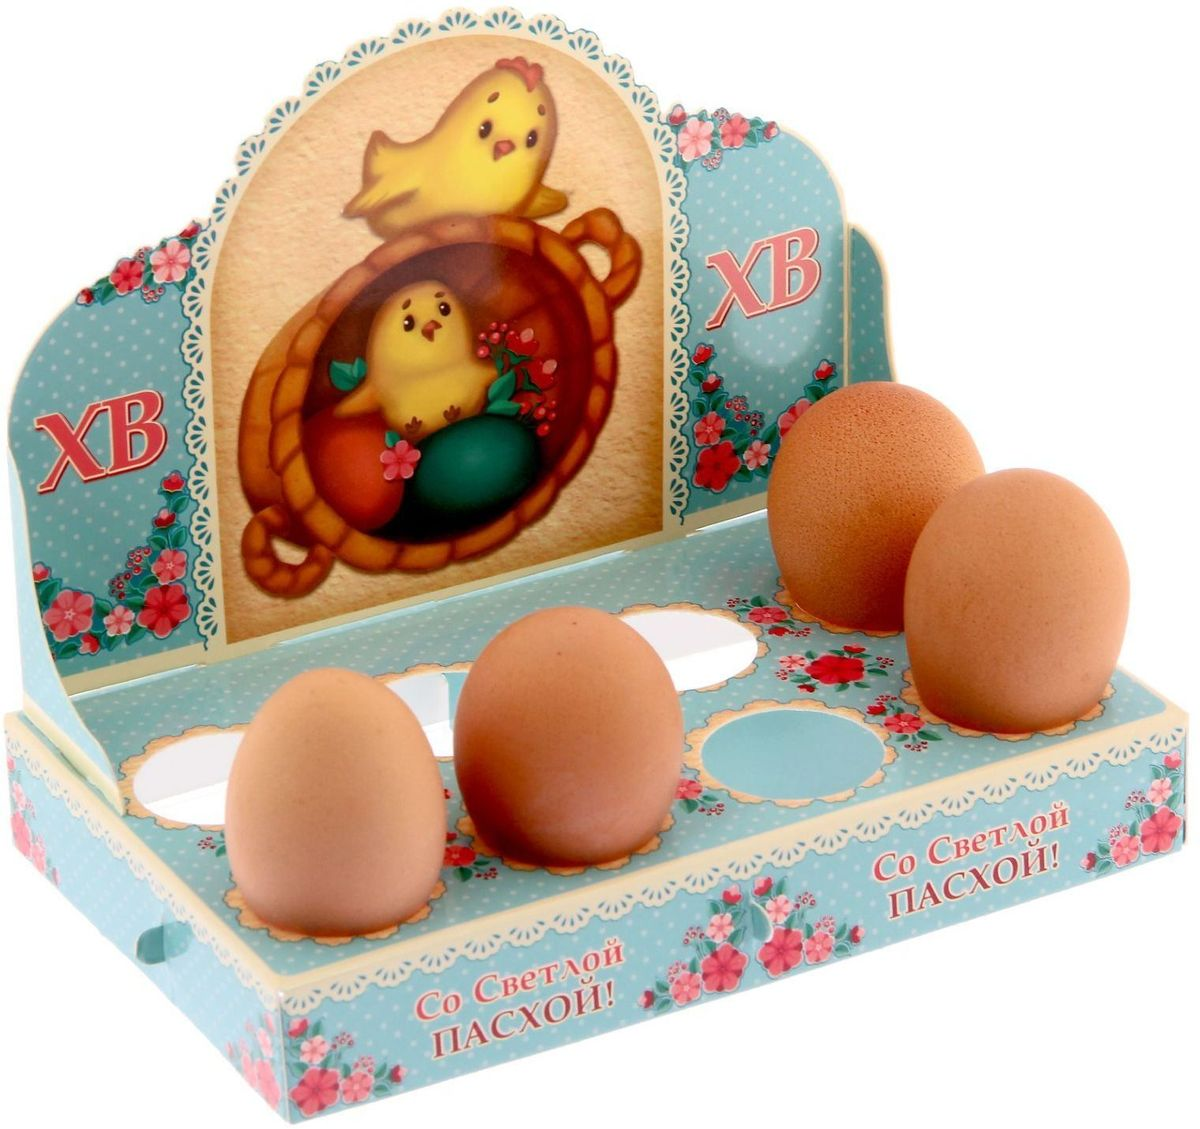 Подставка пасхальная ХВ. Печеный стиль, на 8 яиц, 13,7 х 8,1 см. 12095311209531Яркая картонная подставка на 8 яиц Sima-land станет интересным дополнением к писанкам. Конструкция легко собирается и не даёт содержимому раскатиться по столу.Размер:13,7 х 8,1 см.